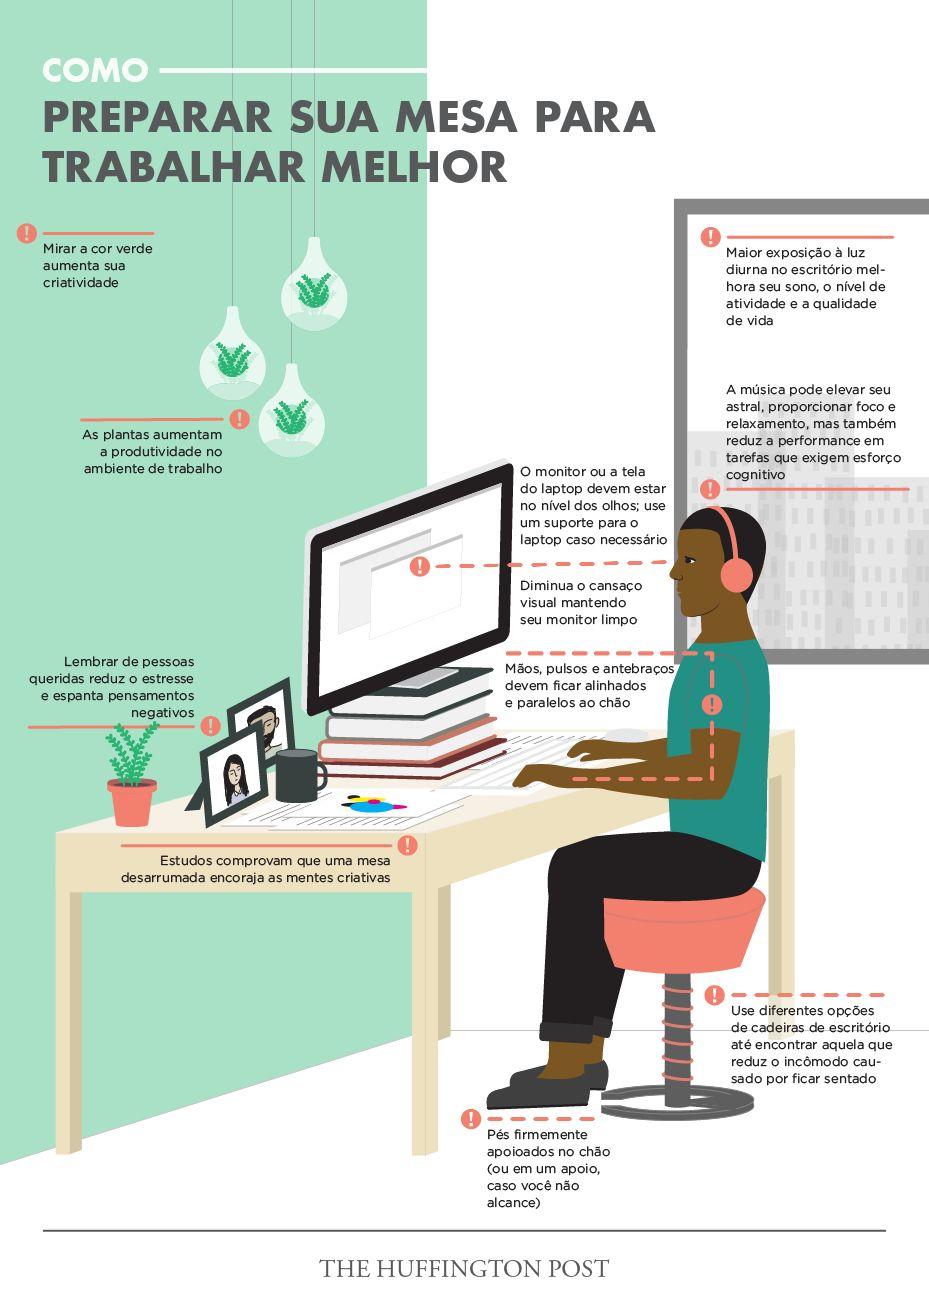 Como arrumar sua mesa de trabalho para ter o dia mais produtivo